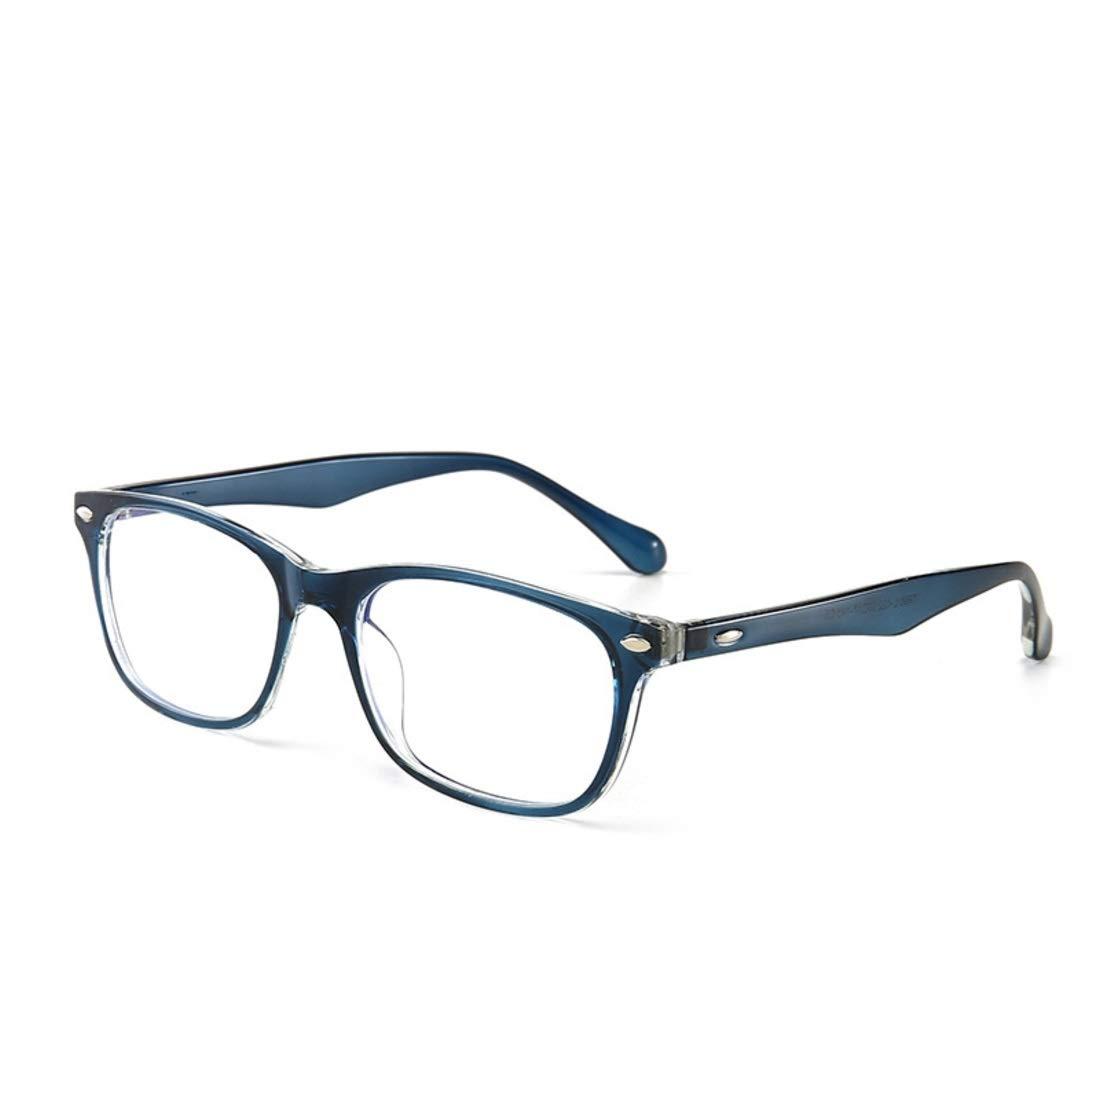 Color : Brown Yajiemei Anti-blue Light Retro Glasses Anti-radiation Glasses Non Prescription Glasses For Women Men